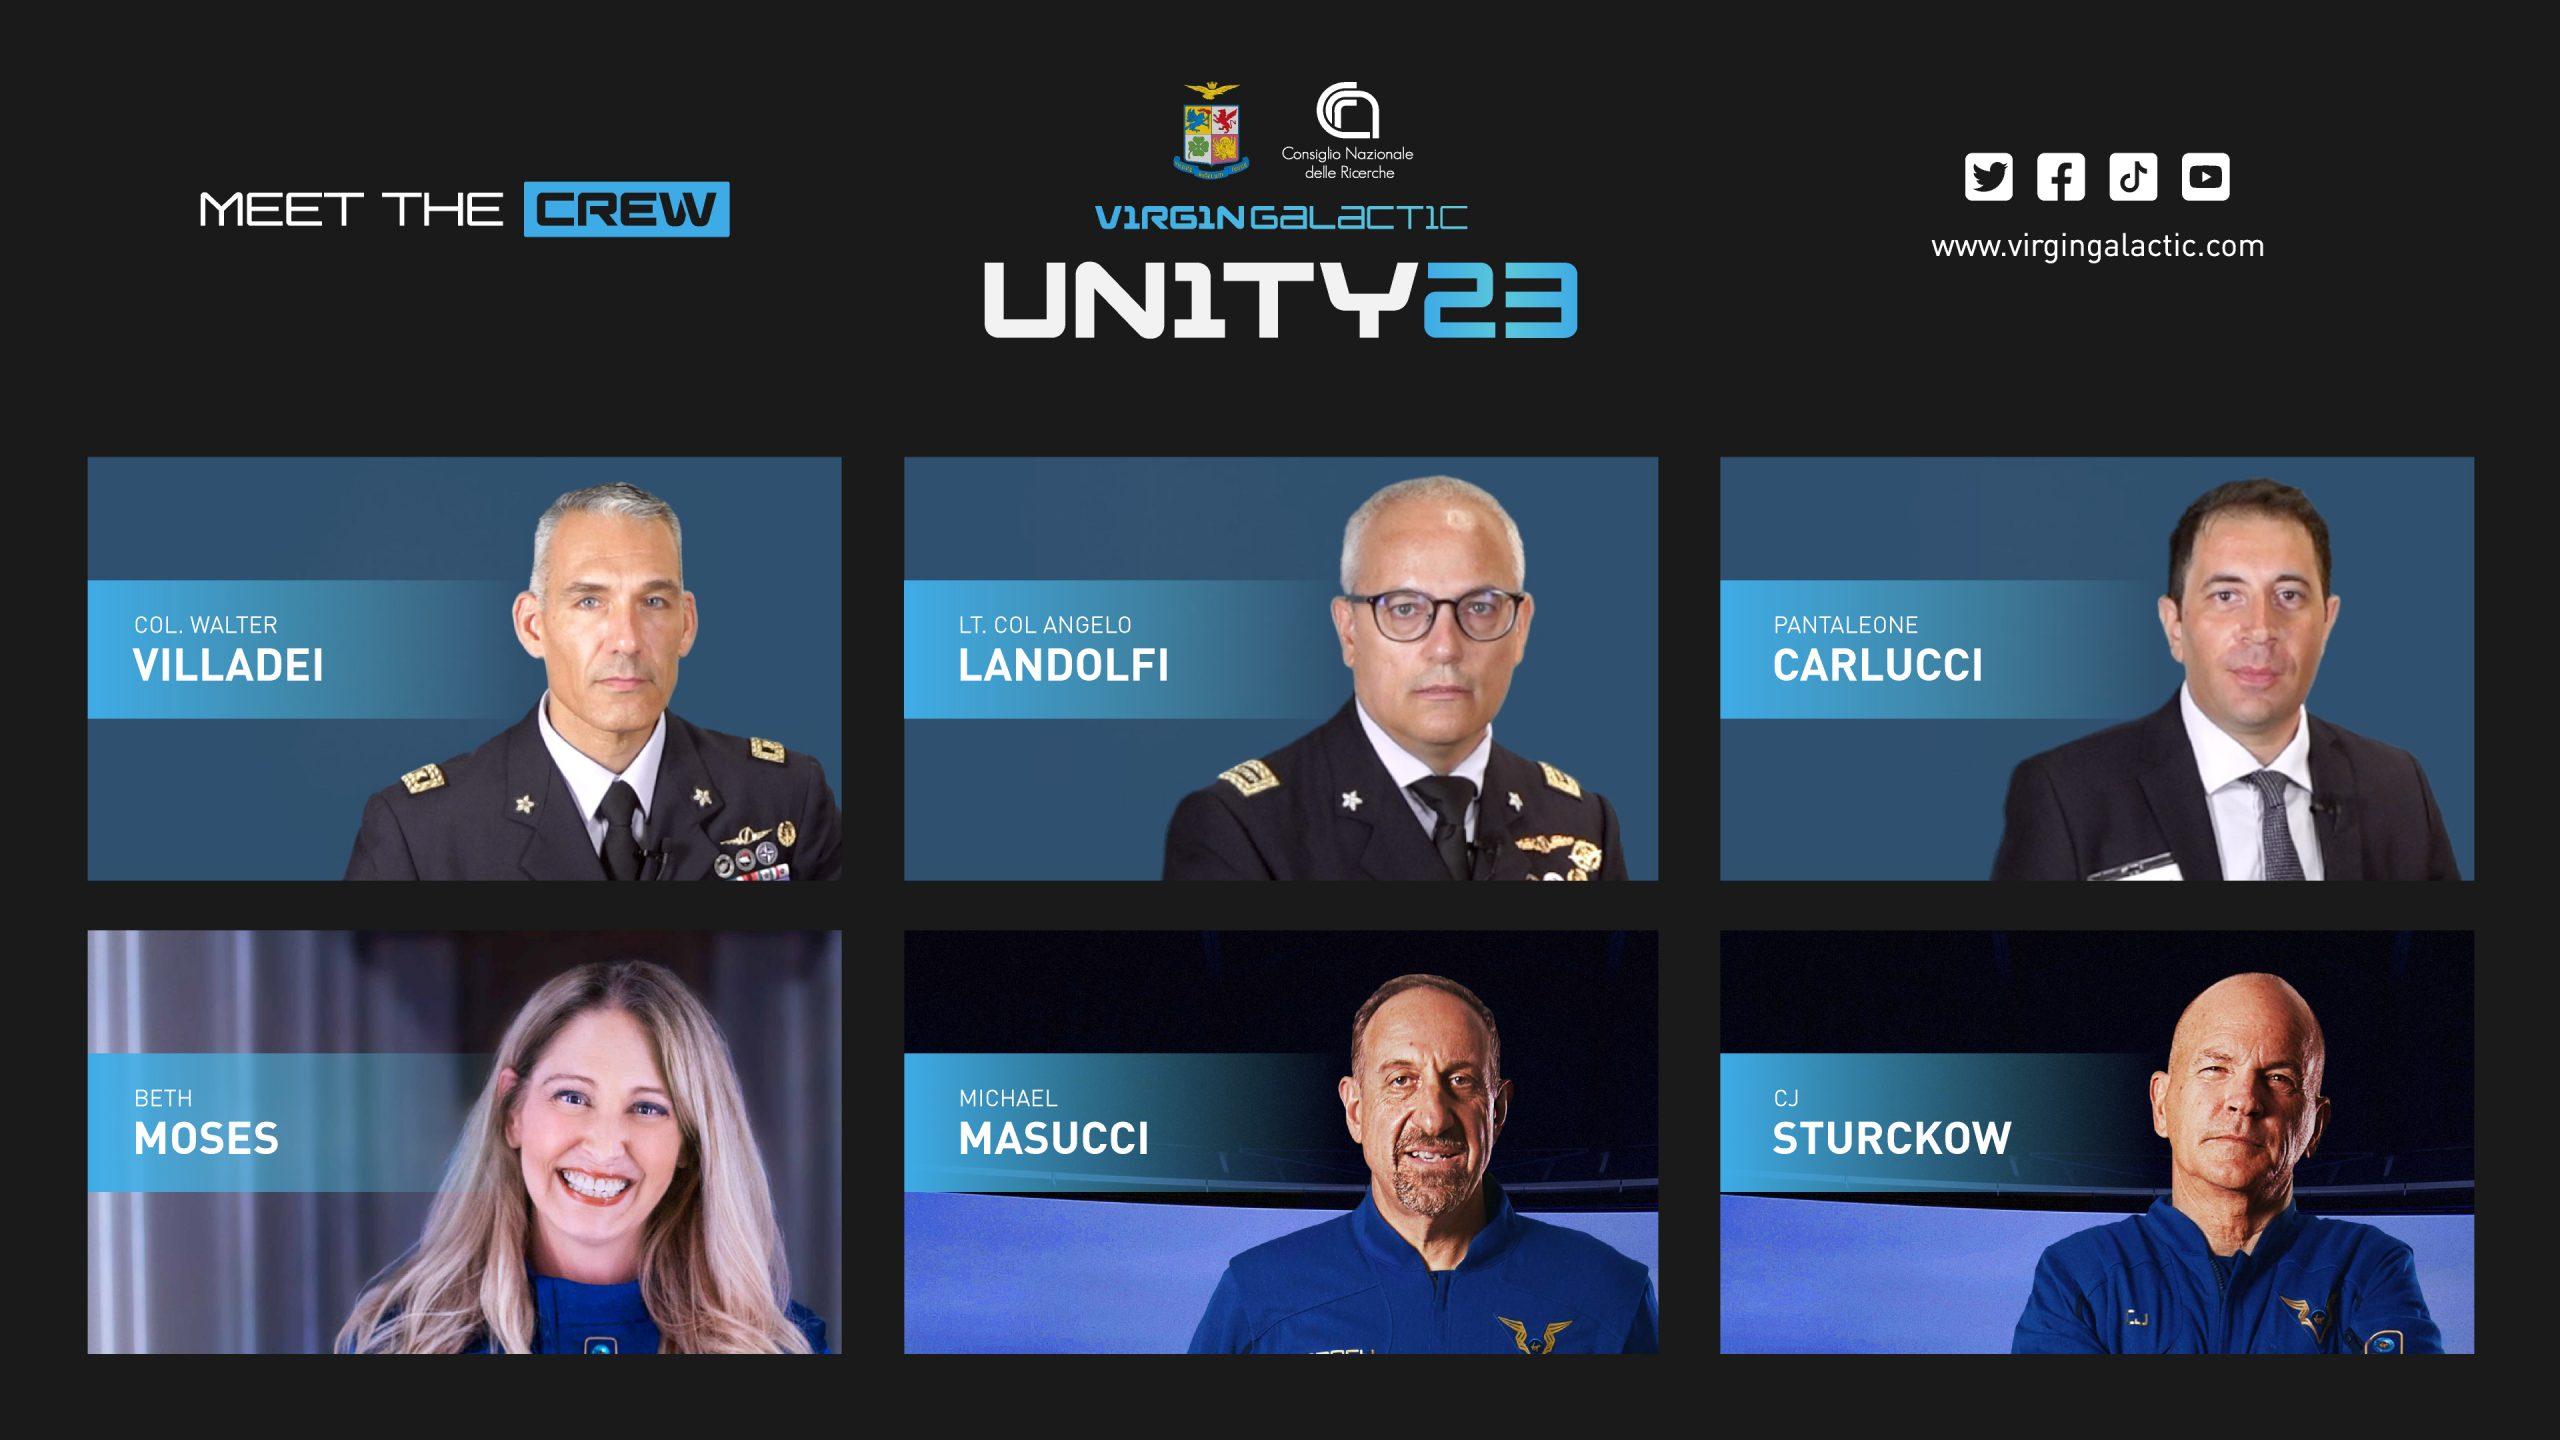 L'equipaggio della missione Unity23. Credits: Virgin Galactic.